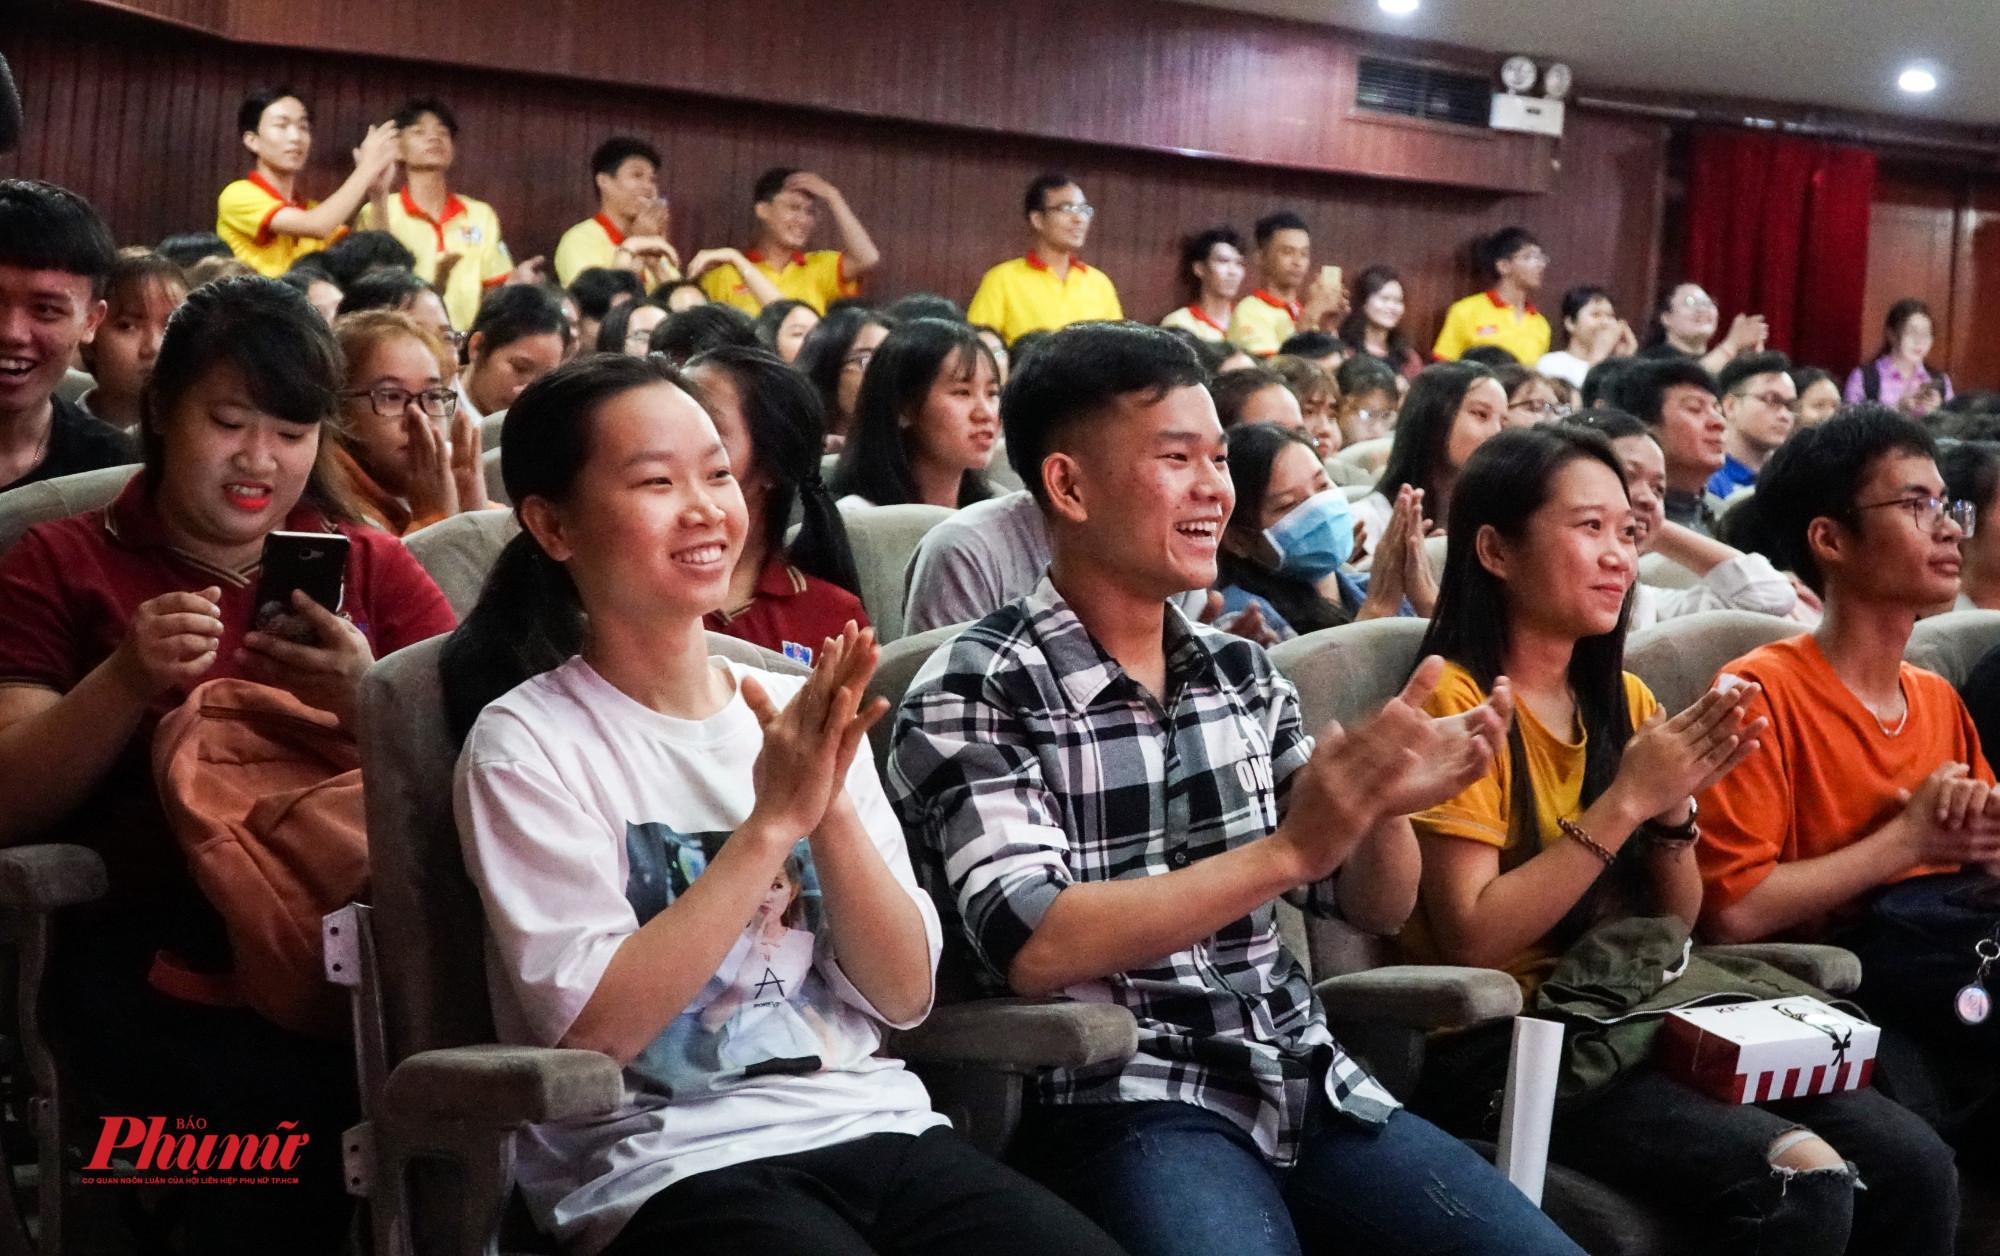 Sinh viên vỗ tay reo hò trước những màn biểu diễn của ca nghệ sỹ